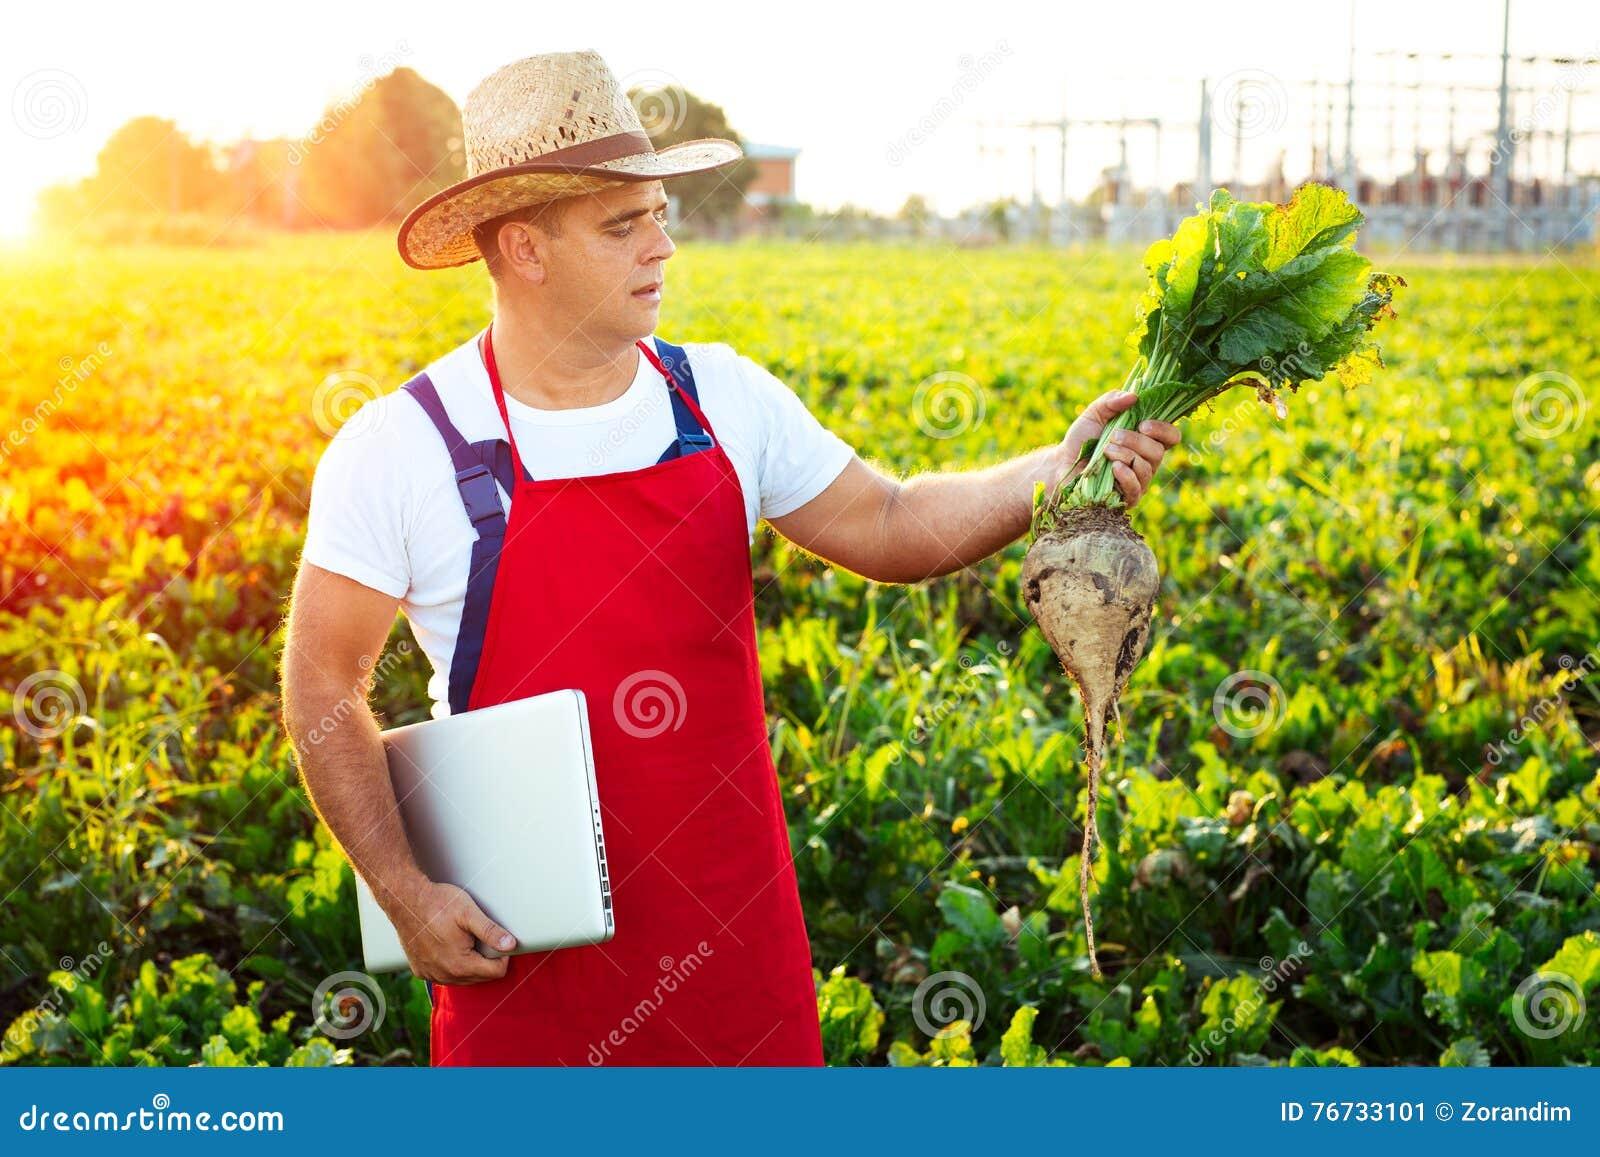 Фермер проверяя качество сахарных свекл